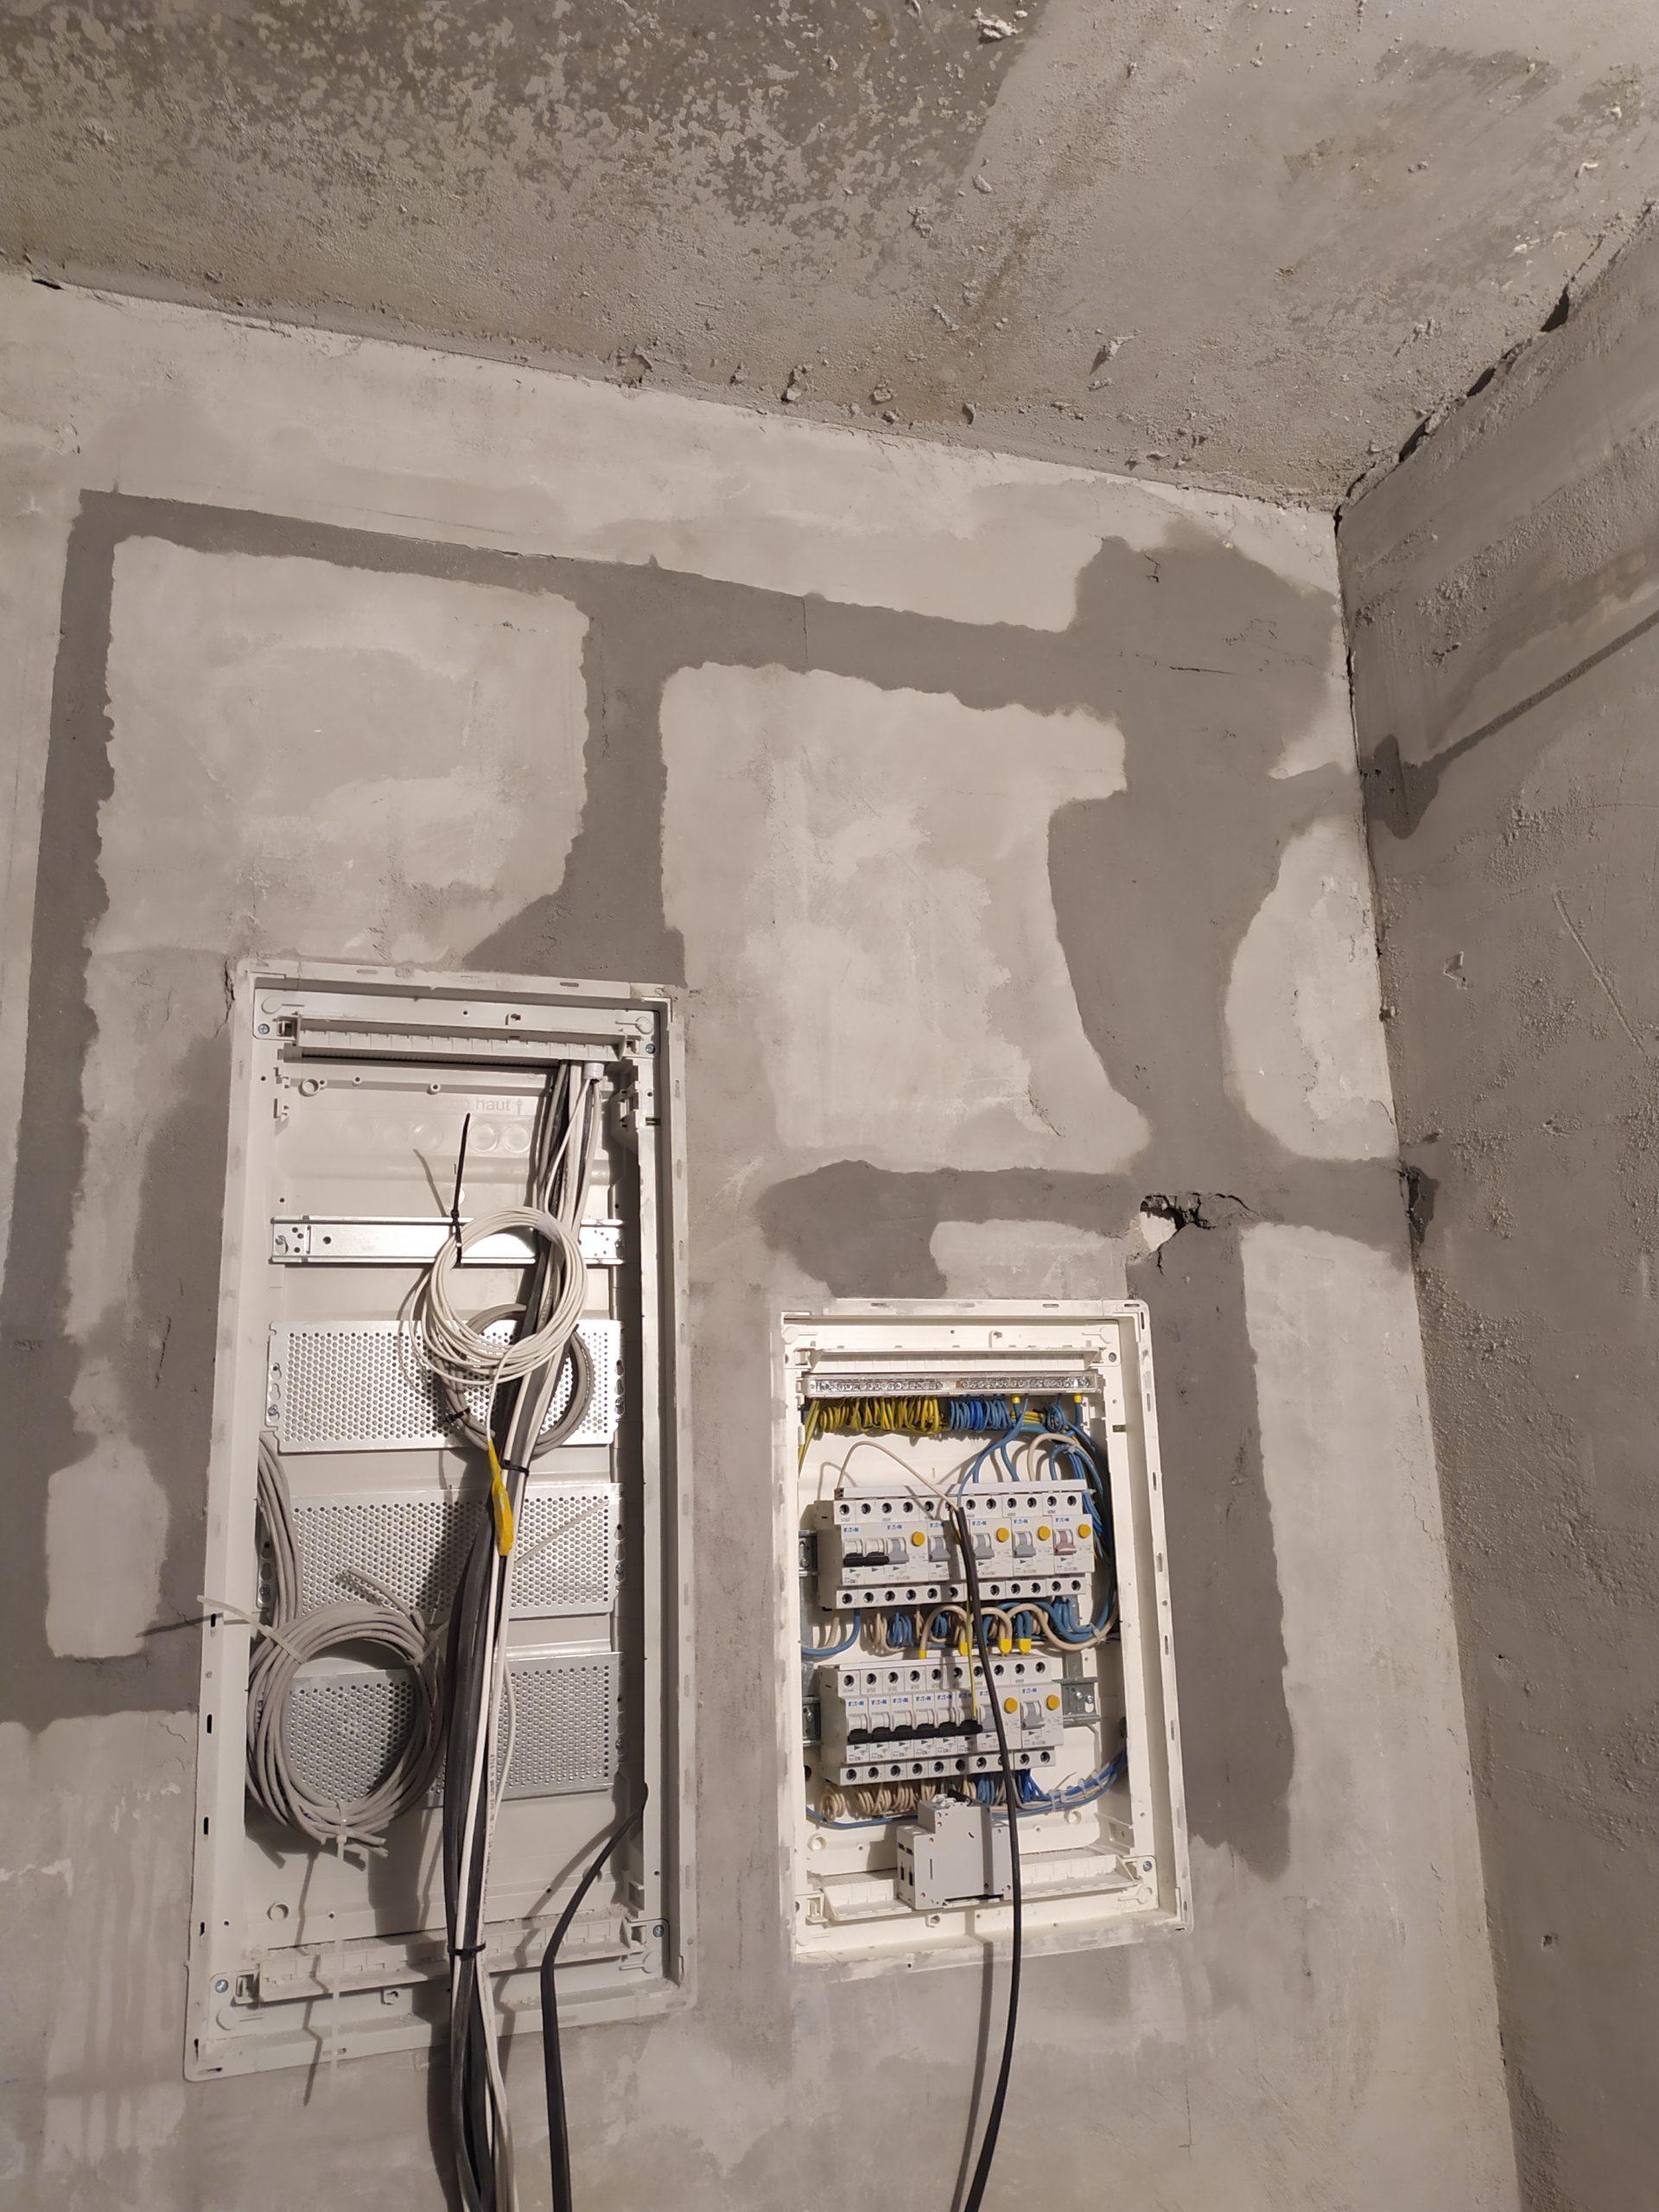 услуги электрика в минске в новостройке 5